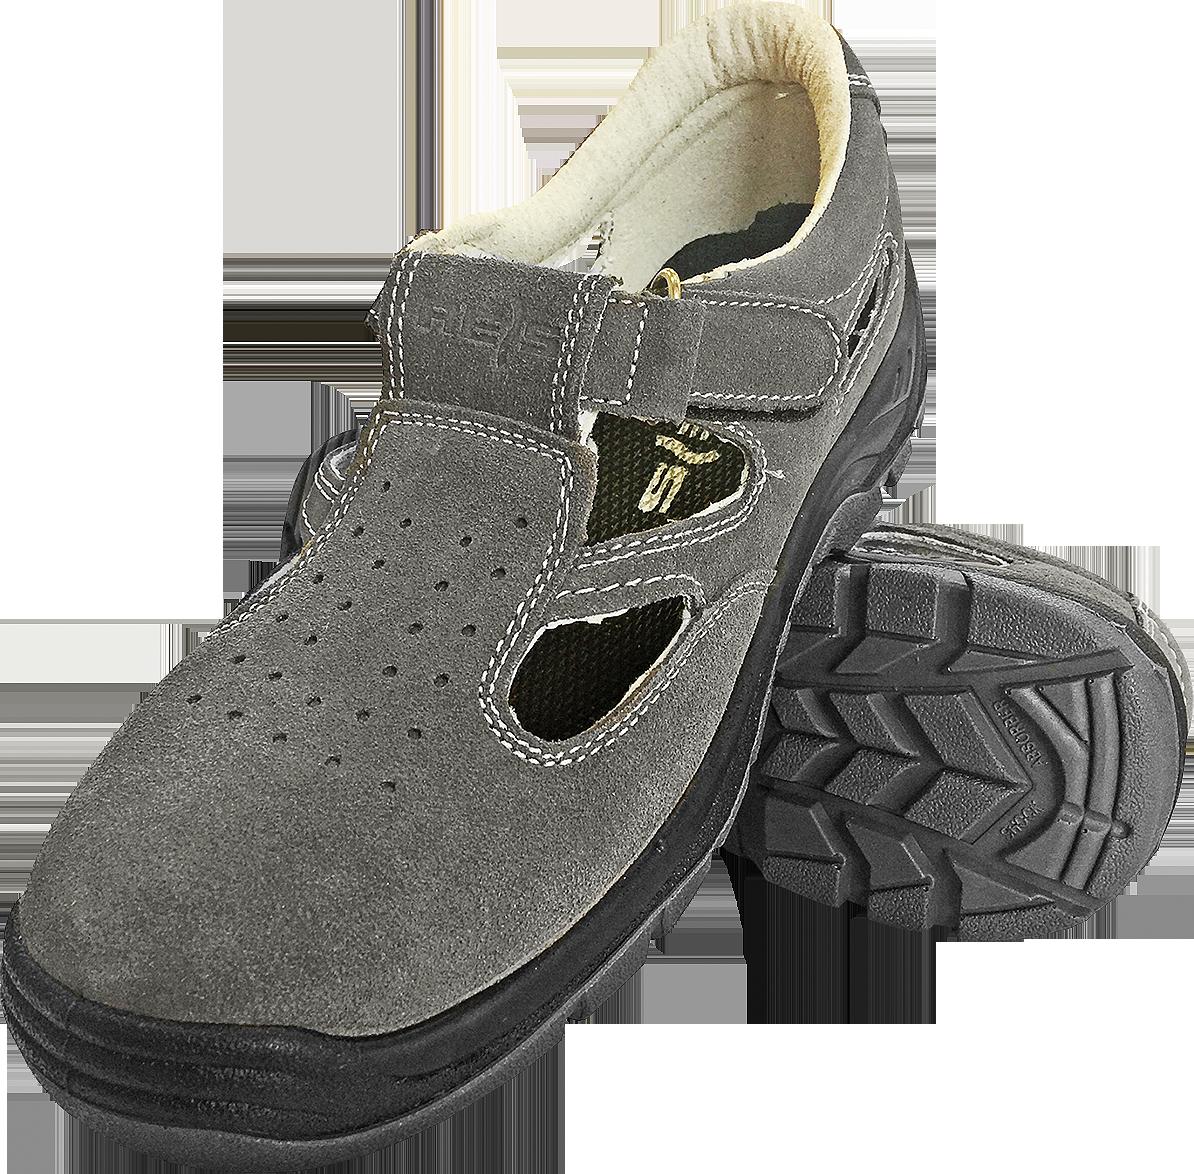 Сандали BRAVEL-S1 SB рабочие кожаные с метноском REIS Польша (обувь защитная)